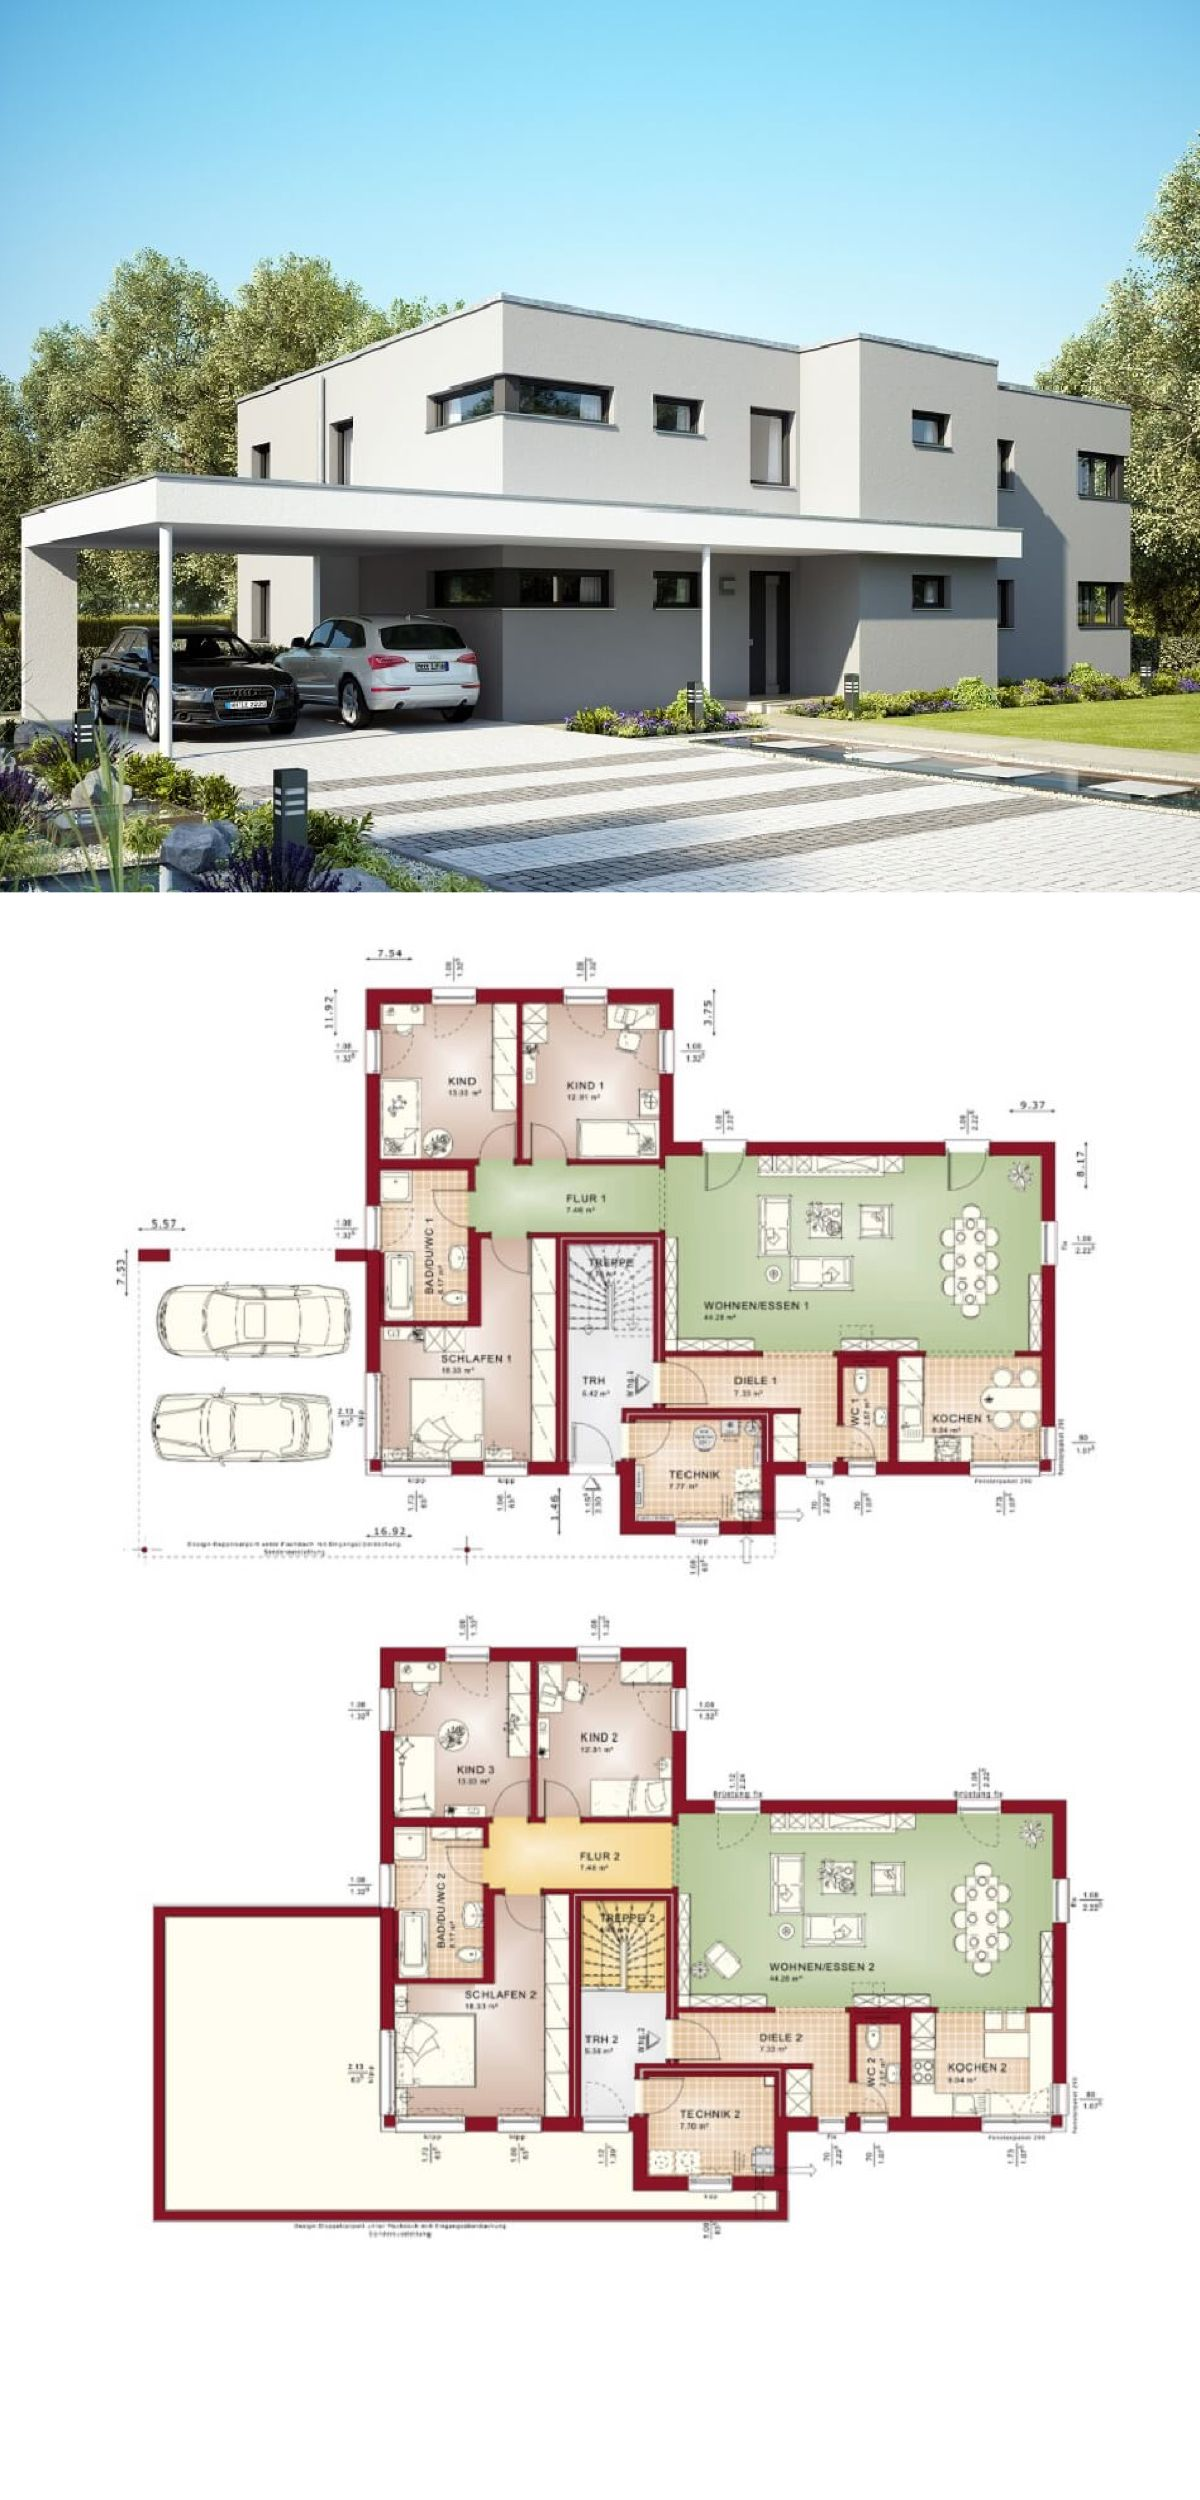 Zweifamilienhaus im bauhaus stil mit flachdach und carport for Zweifamilienhaus plan